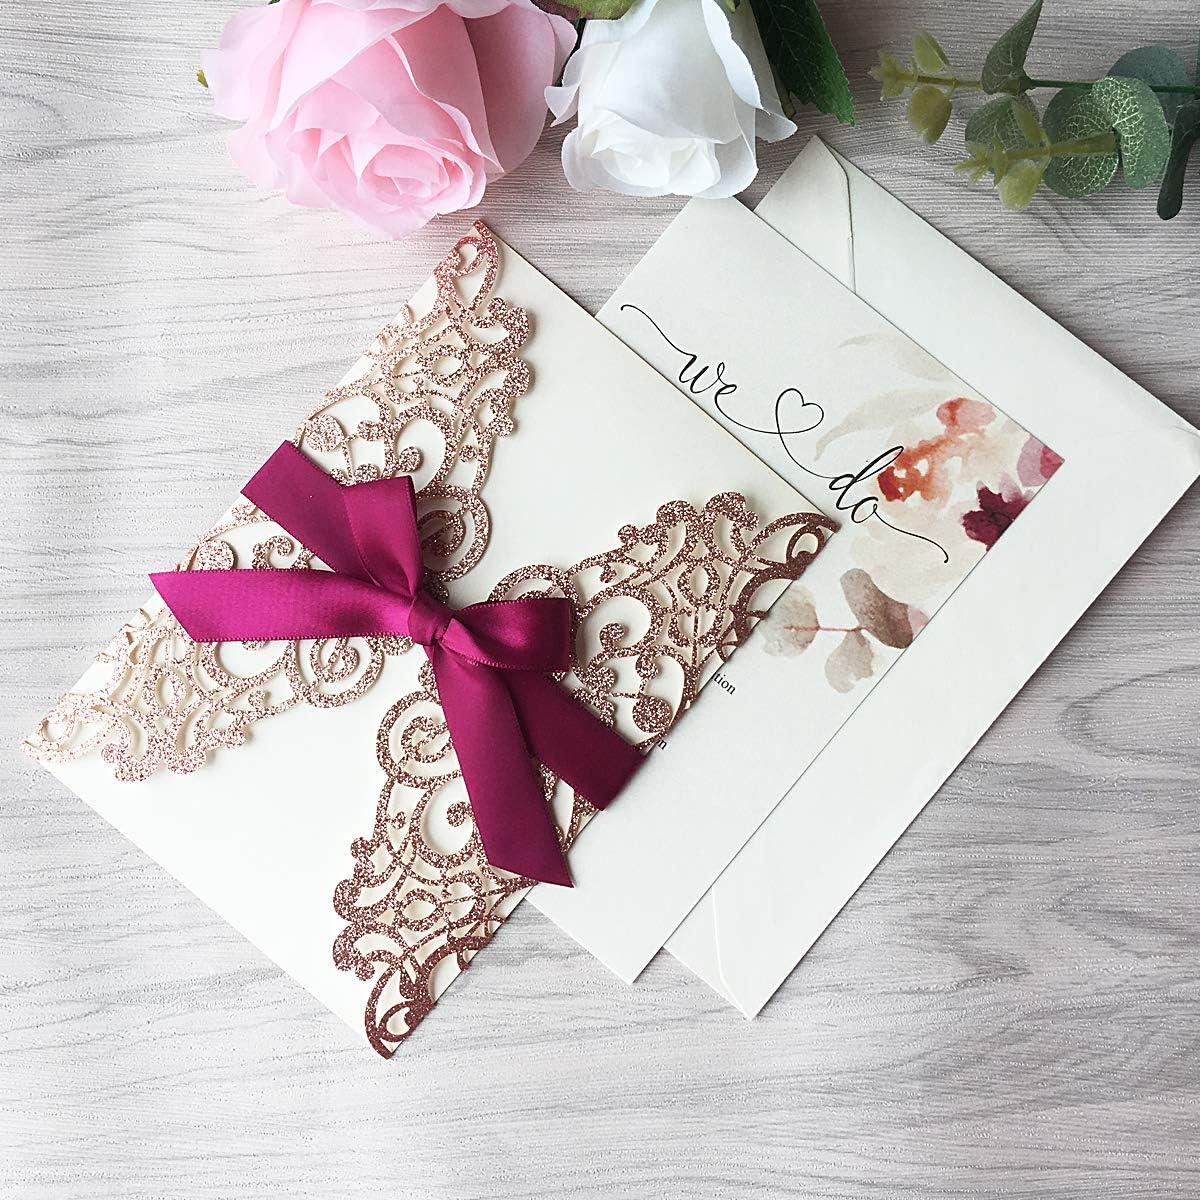 con Nastro Bordeaux Invito a nozze biglietti di fidanzamento incl Busta 20 pezzi Biglietti dinvito con pizzo Flora tagliato al laser Oro rosa glitter